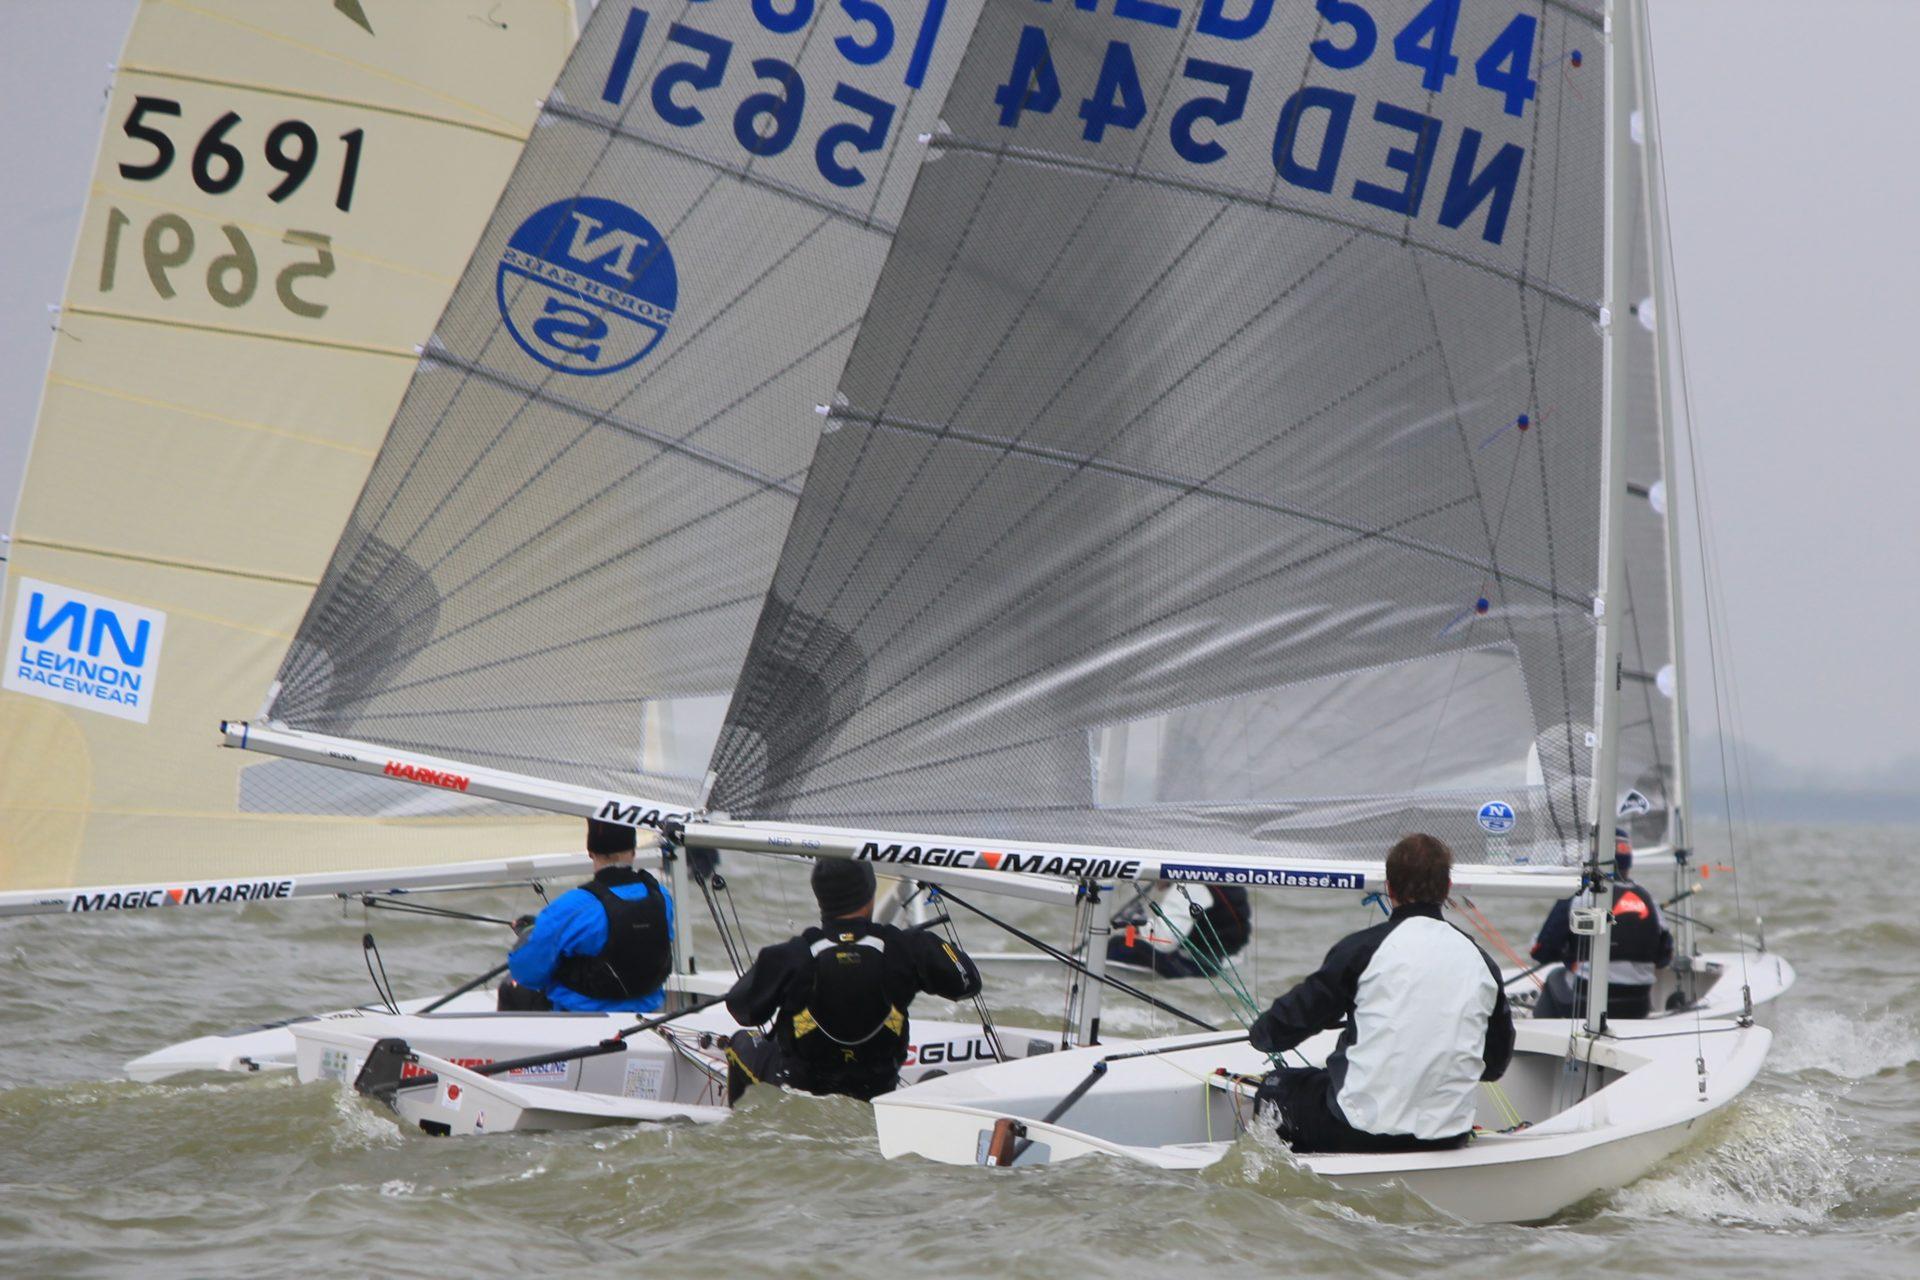 Belangrijke informatie over het aankomend Open Nederlands Kampioenschap